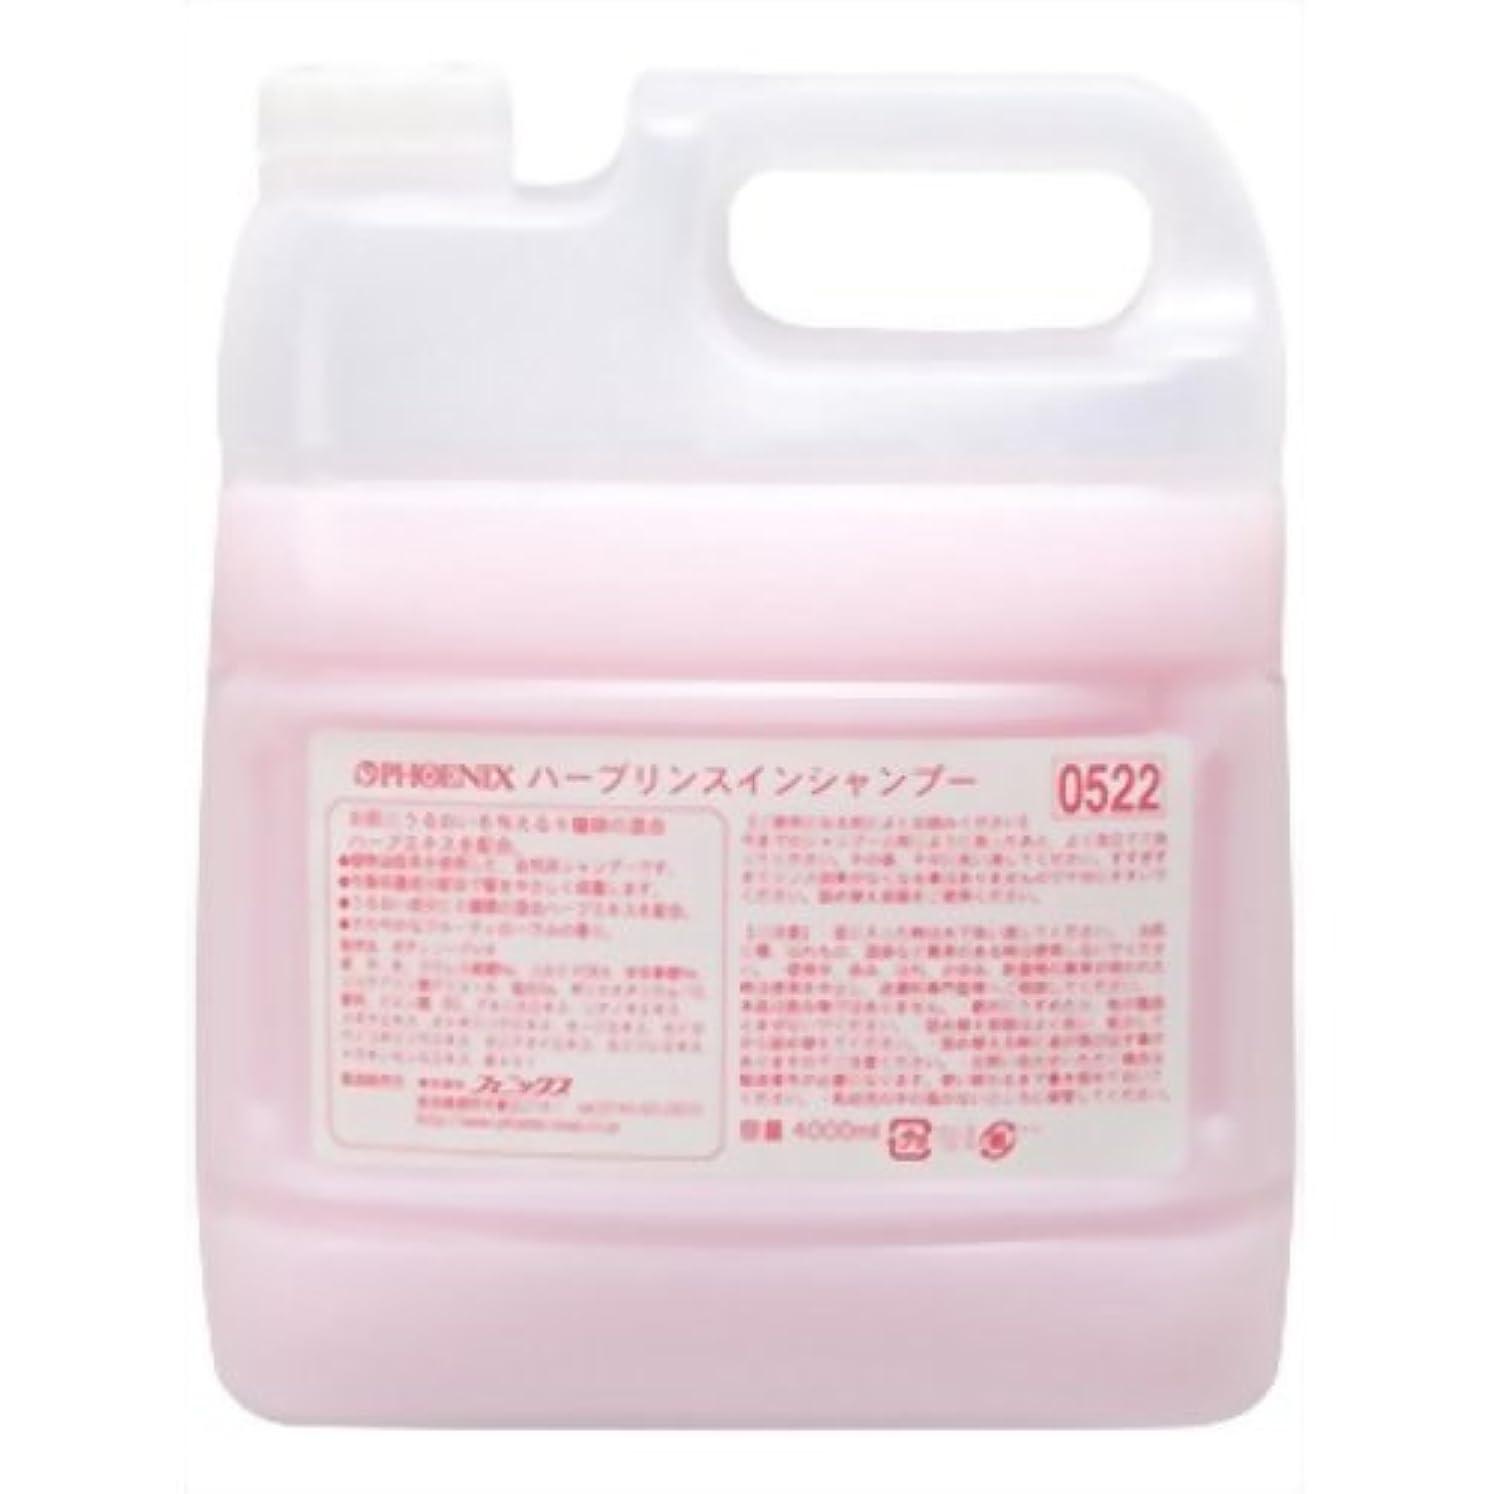 値たっぷり水素フェニックス ハーブリンスインシャンプー 4L(コック付) 【品番】ZSY6801